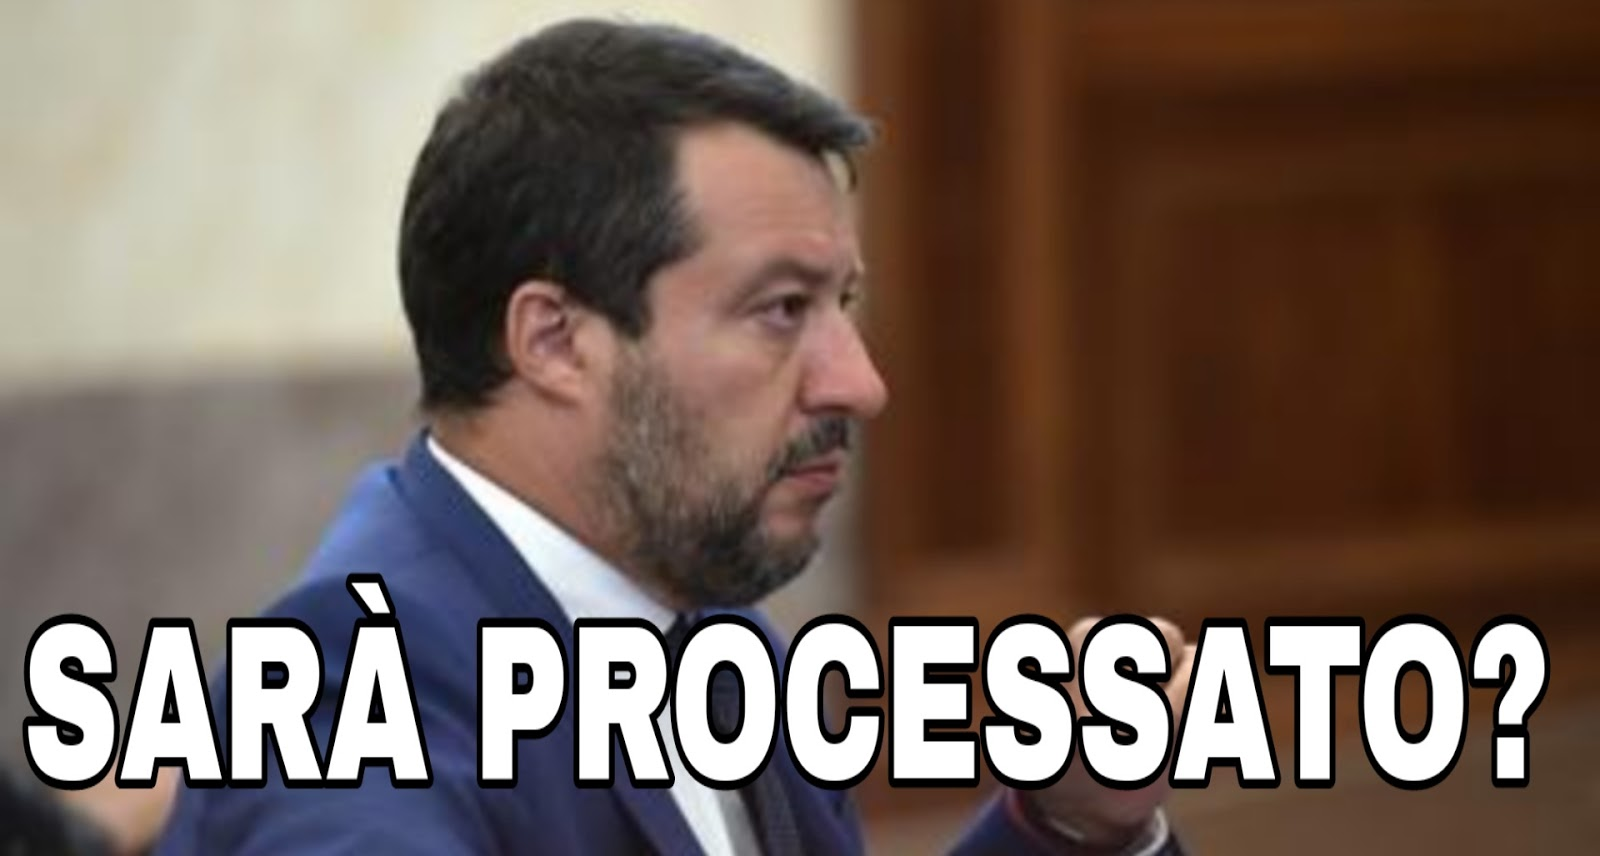 Ultim'ora Matteo Salvini verso il processo? Oggi il voto al senato